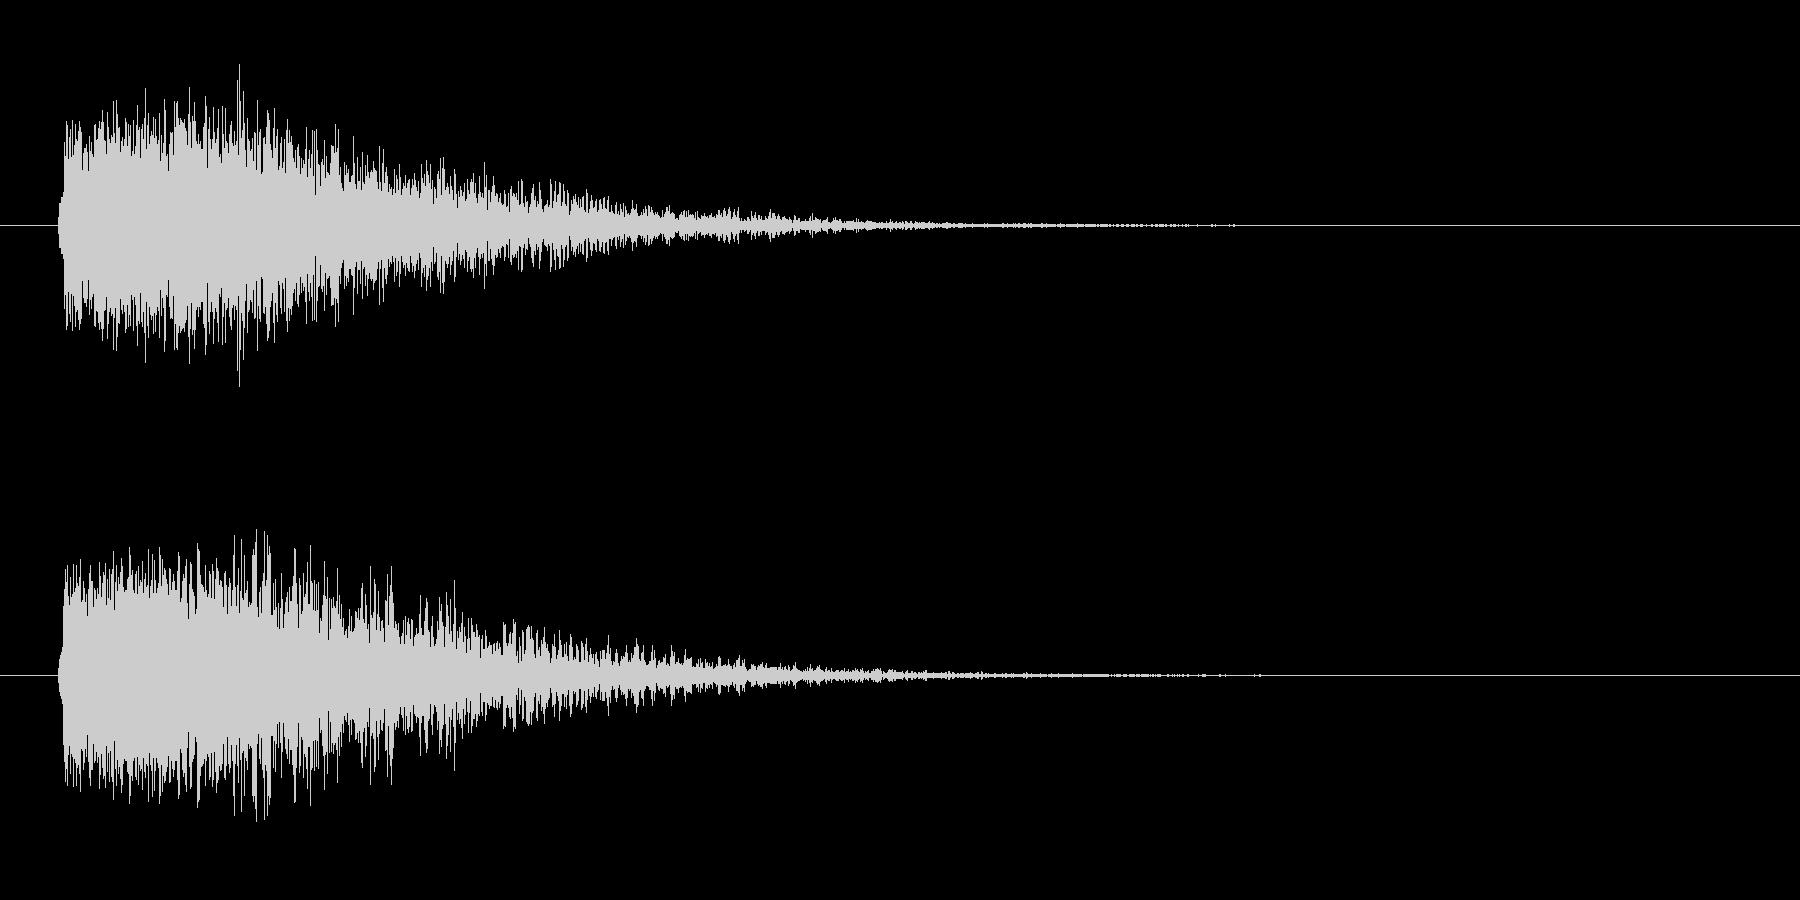 ドーン-4(ヒット音 インパクト音)の未再生の波形